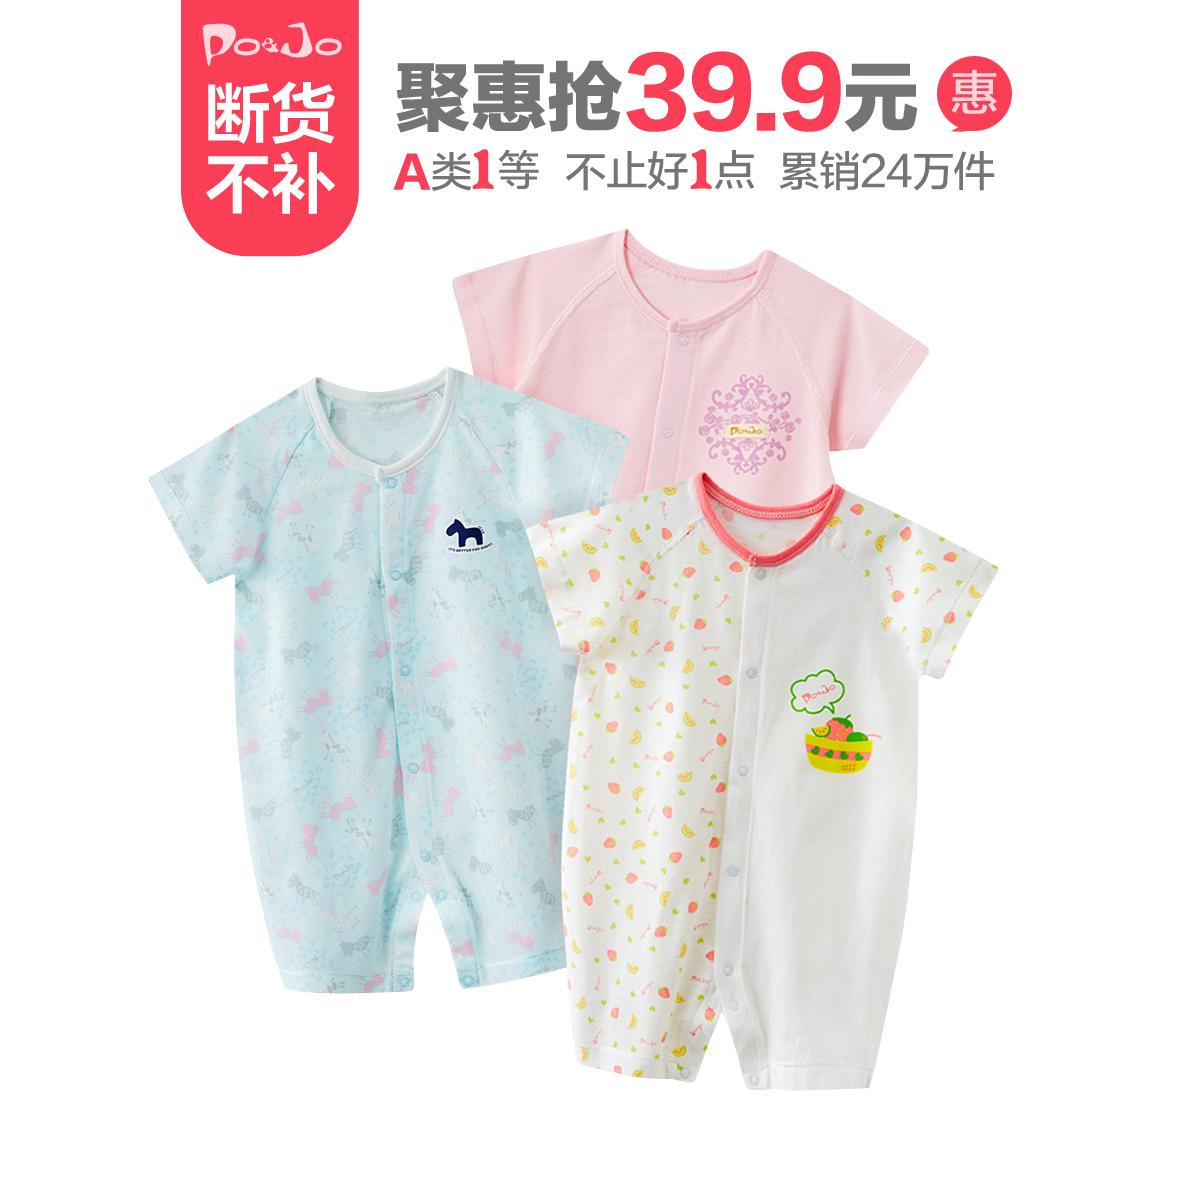 4月婴儿装